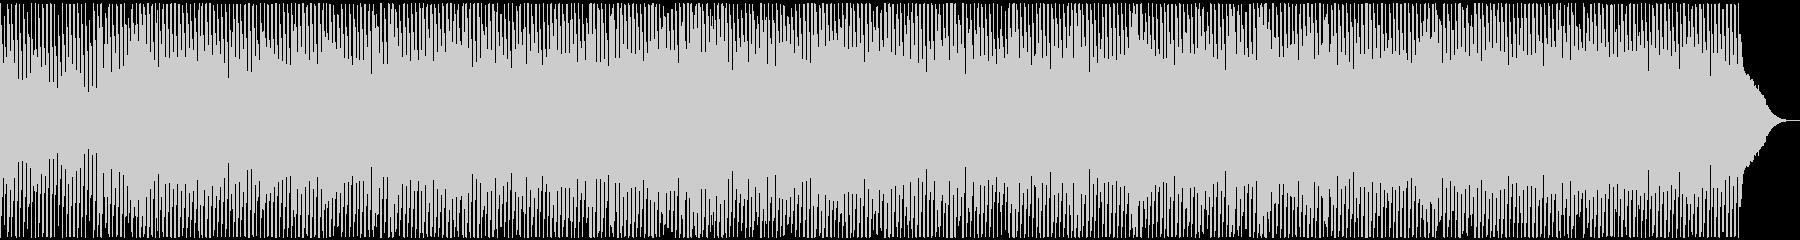 マリンバとウクレレが可愛いポップスBGMの未再生の波形